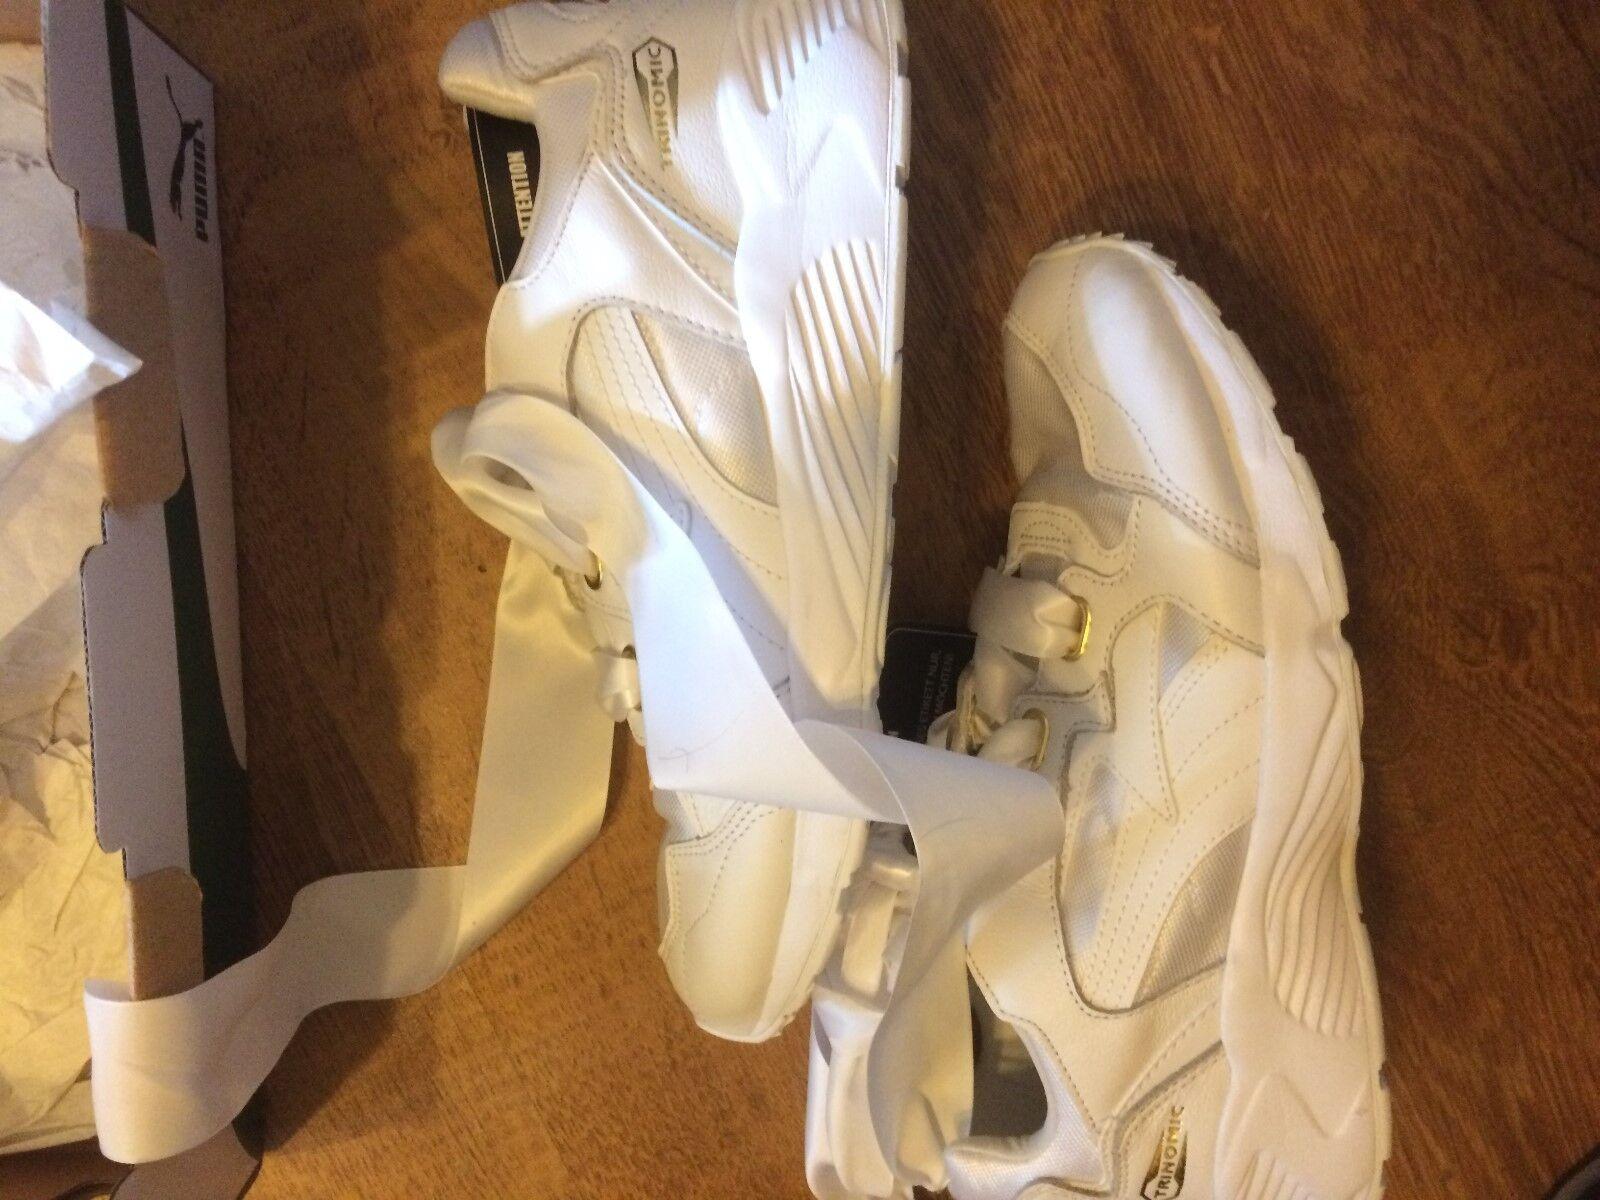 Prevail Heart Damen Sneaker / Sportschuhe - von PUMA in weiß - Sportschuhe Größe 41 - neu ad8b4e